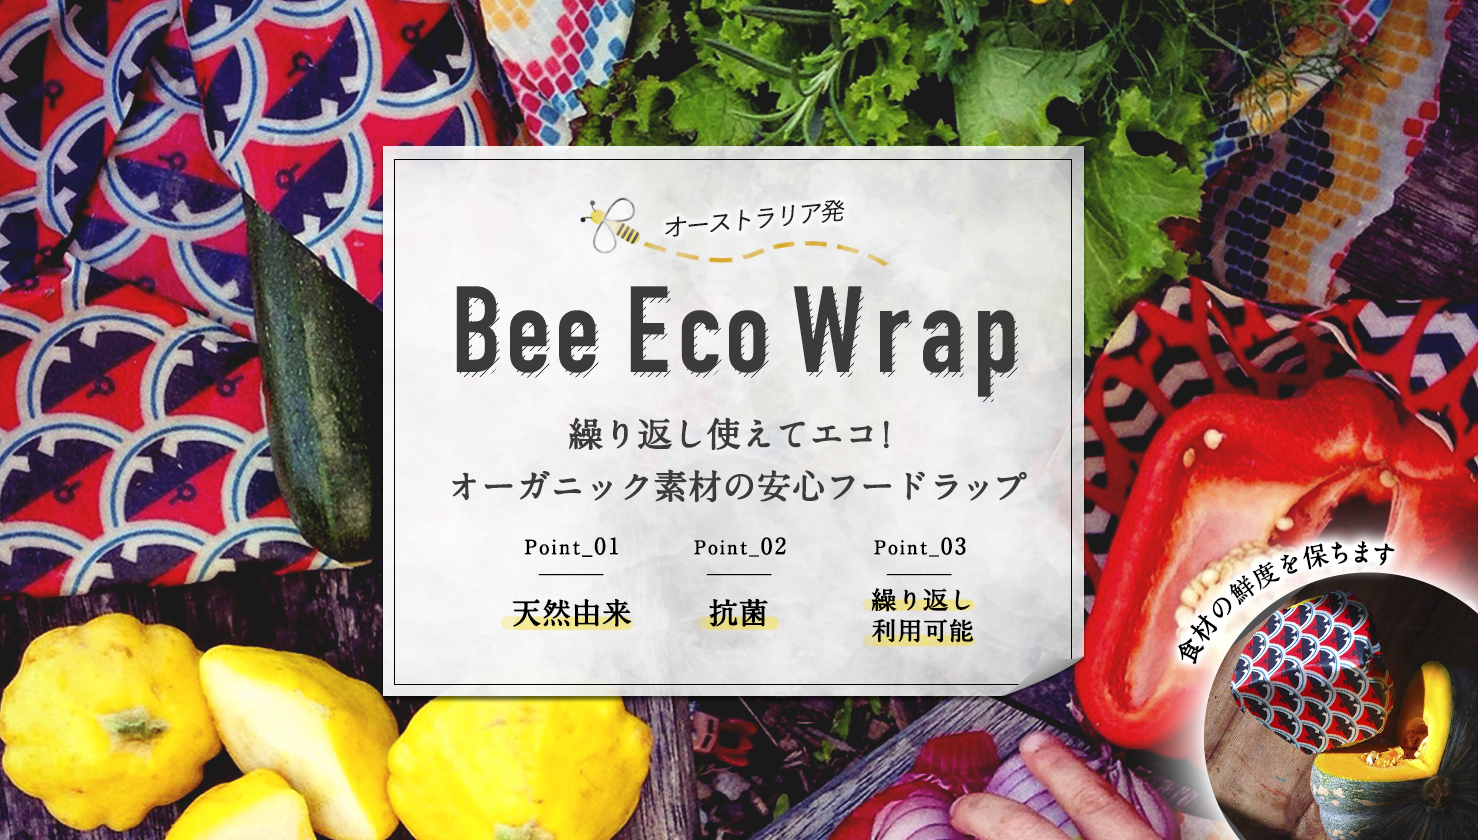 BeeEcoWrap